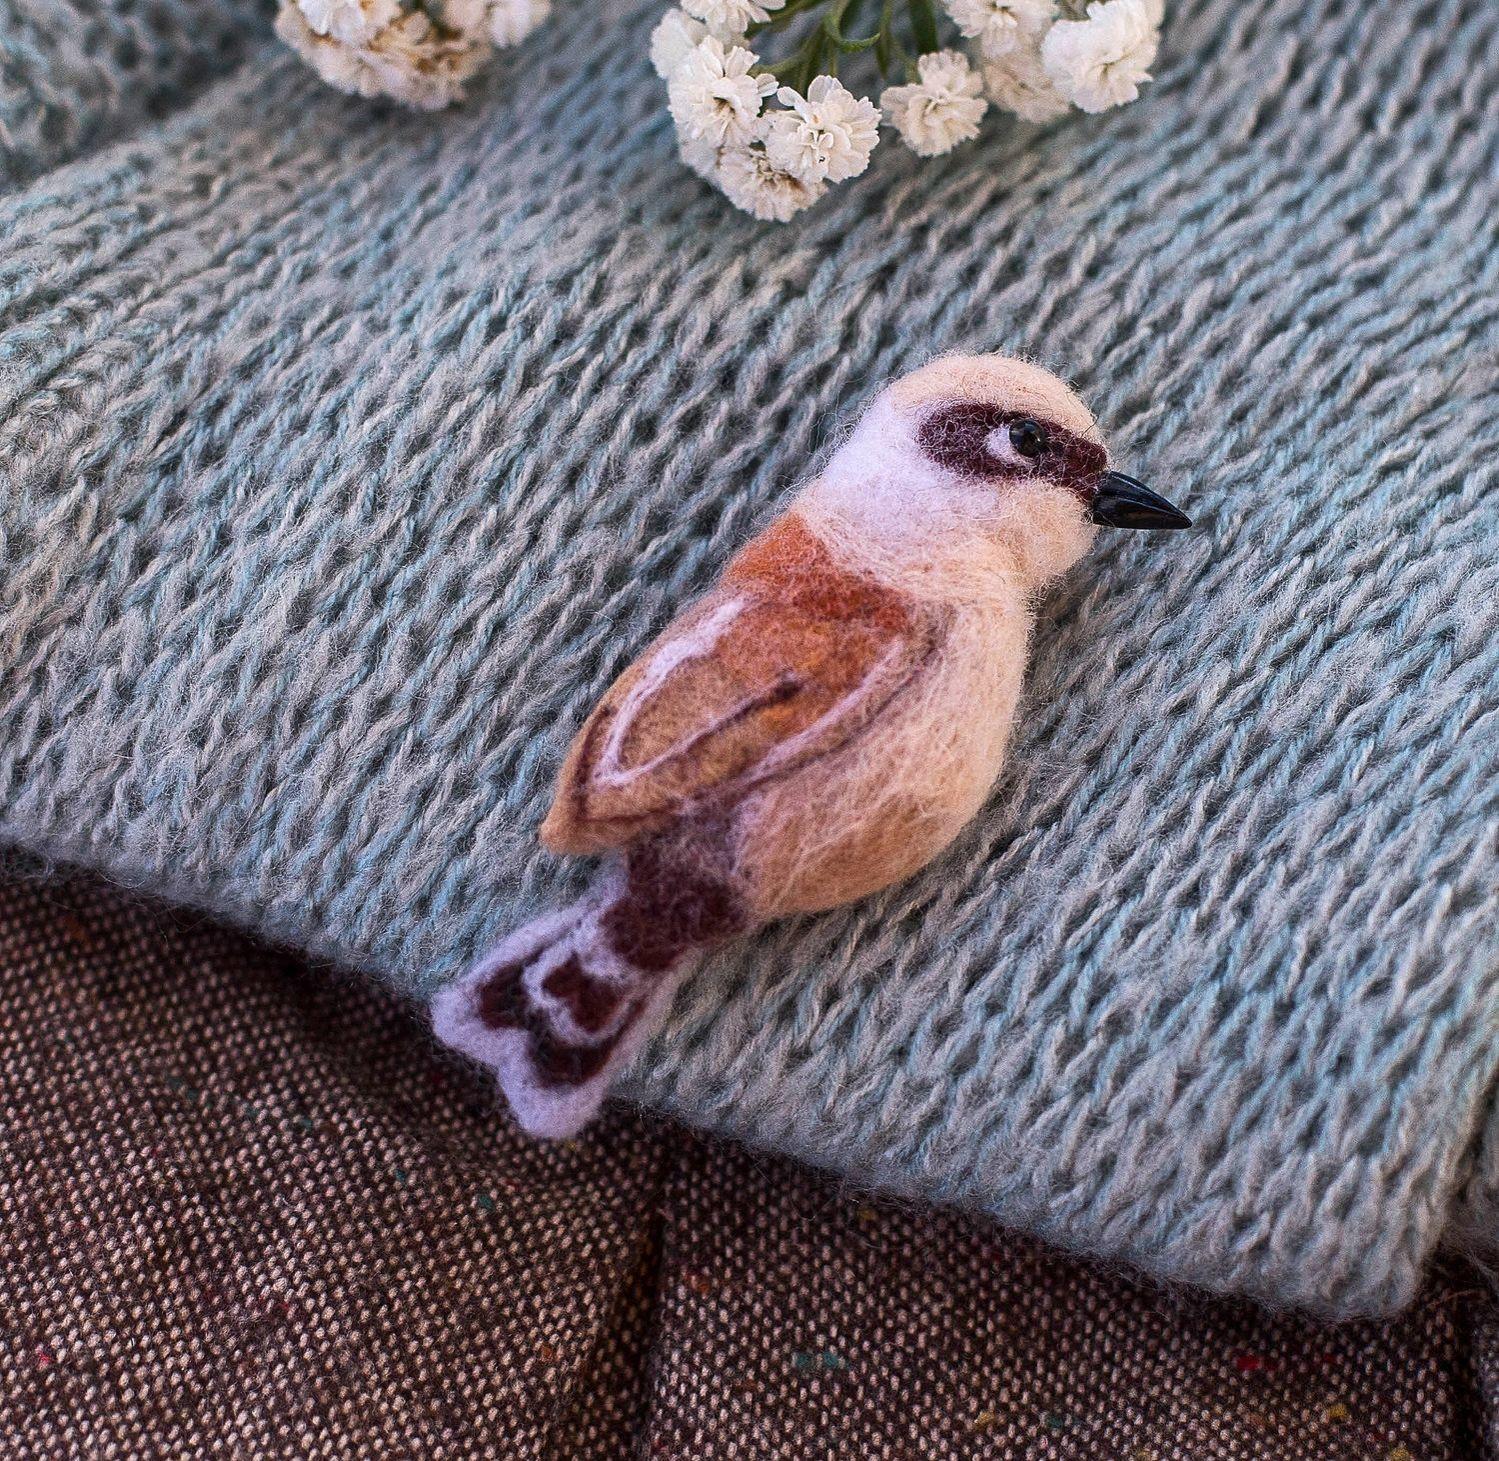 Фото №3 к отзыву покупателя Наталия Гончарова о товаре Клюв Птички и еще 3 товара